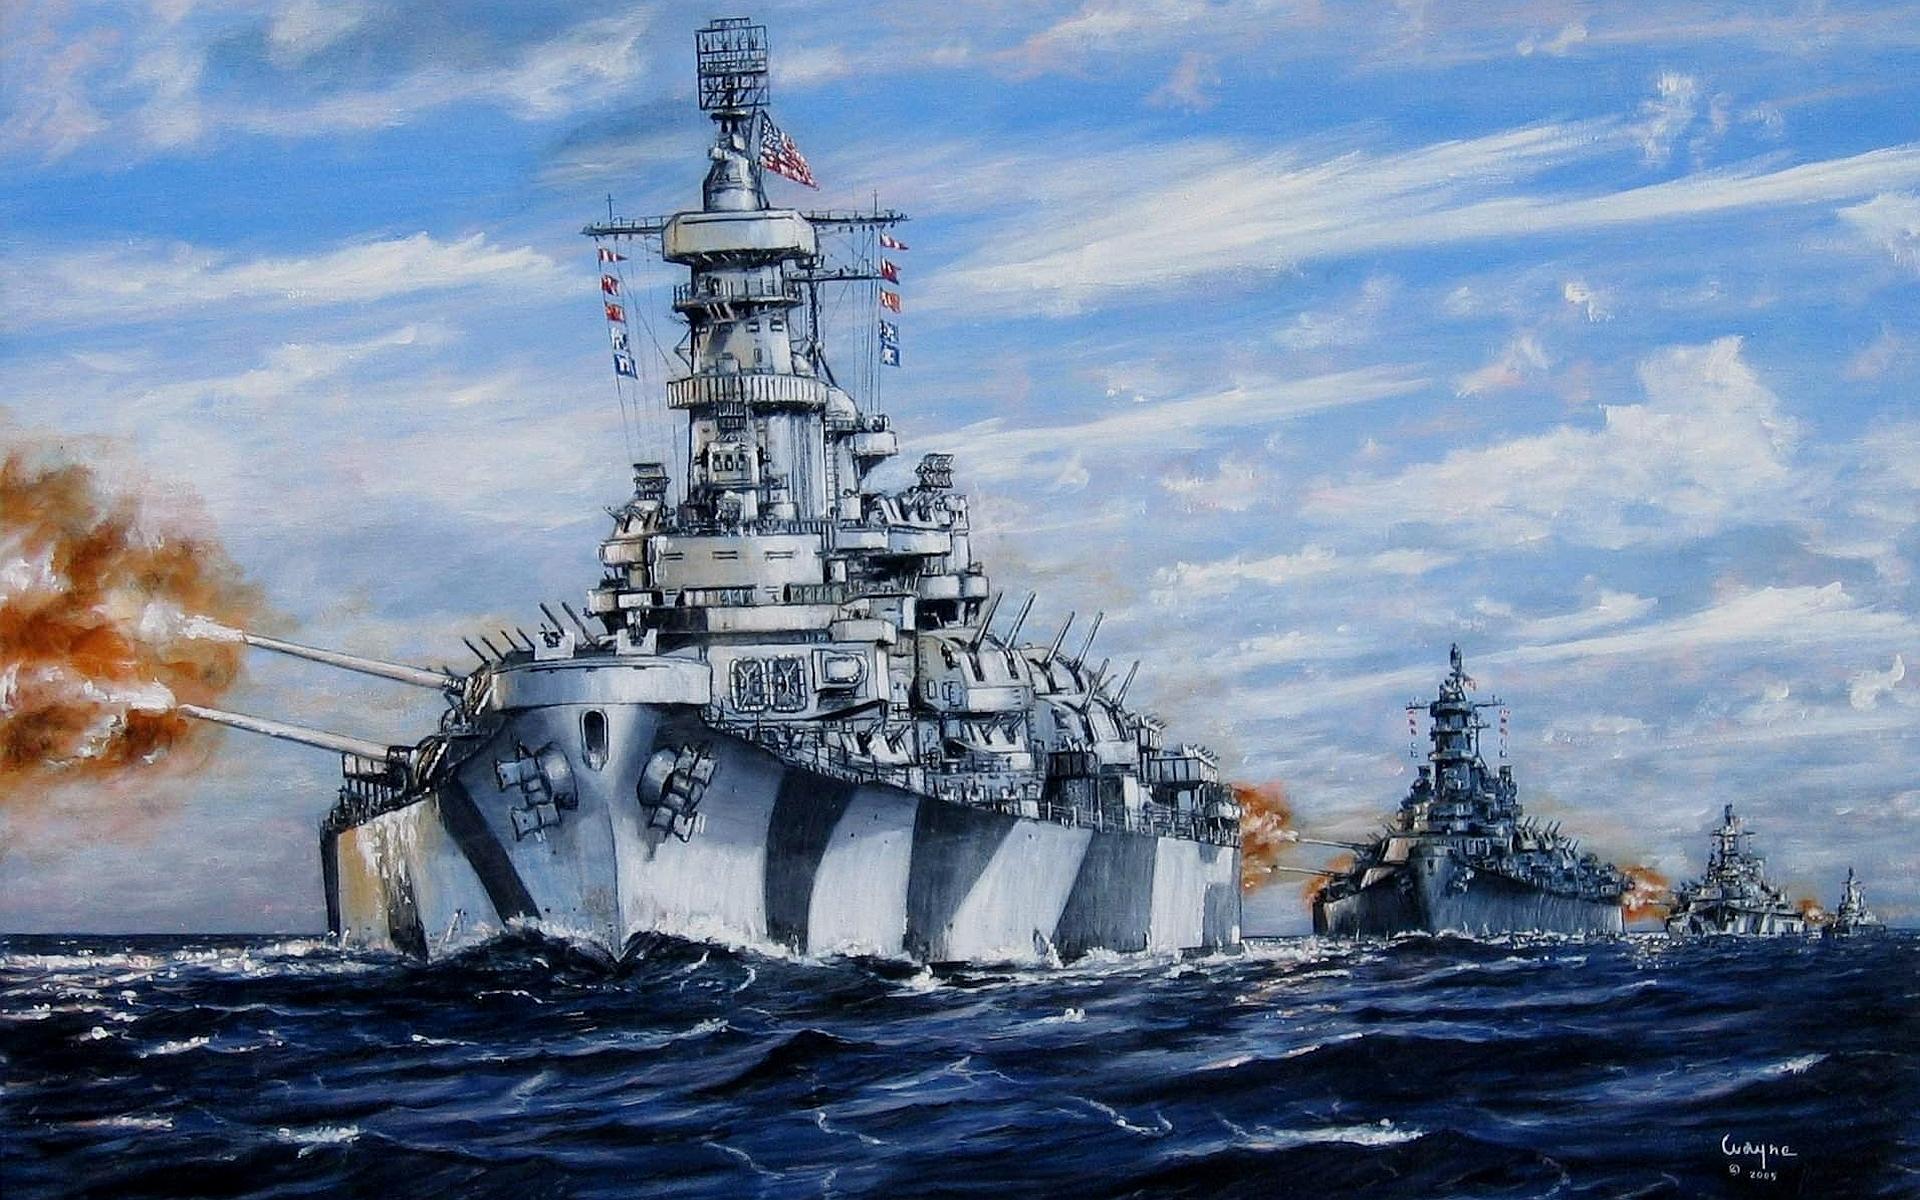 Navy Wallpaper and Screensavers WallpaperSafari